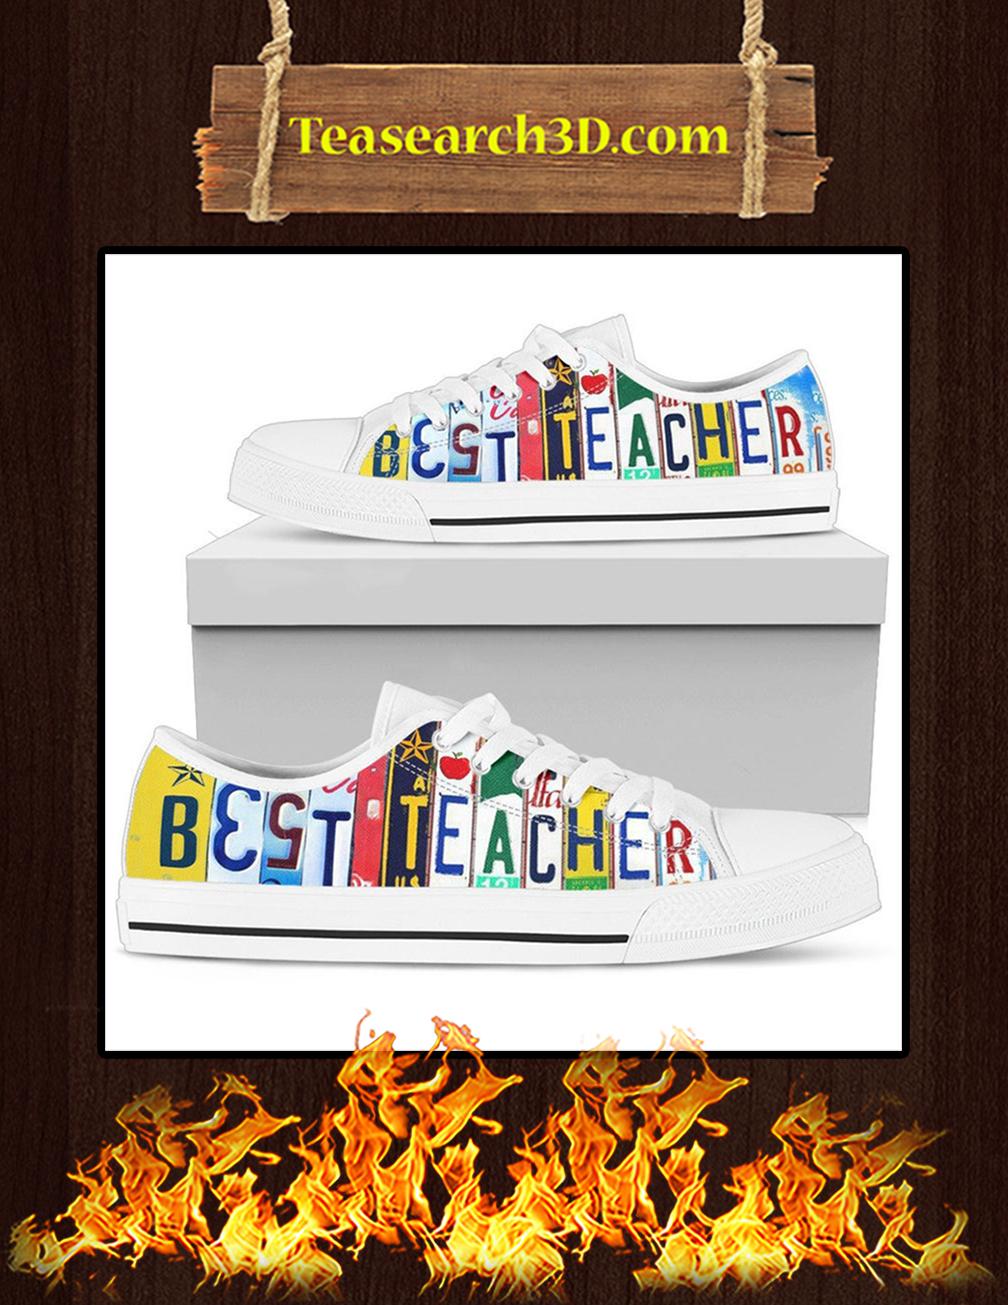 Best Teacher Low Top Shoes Pic 1